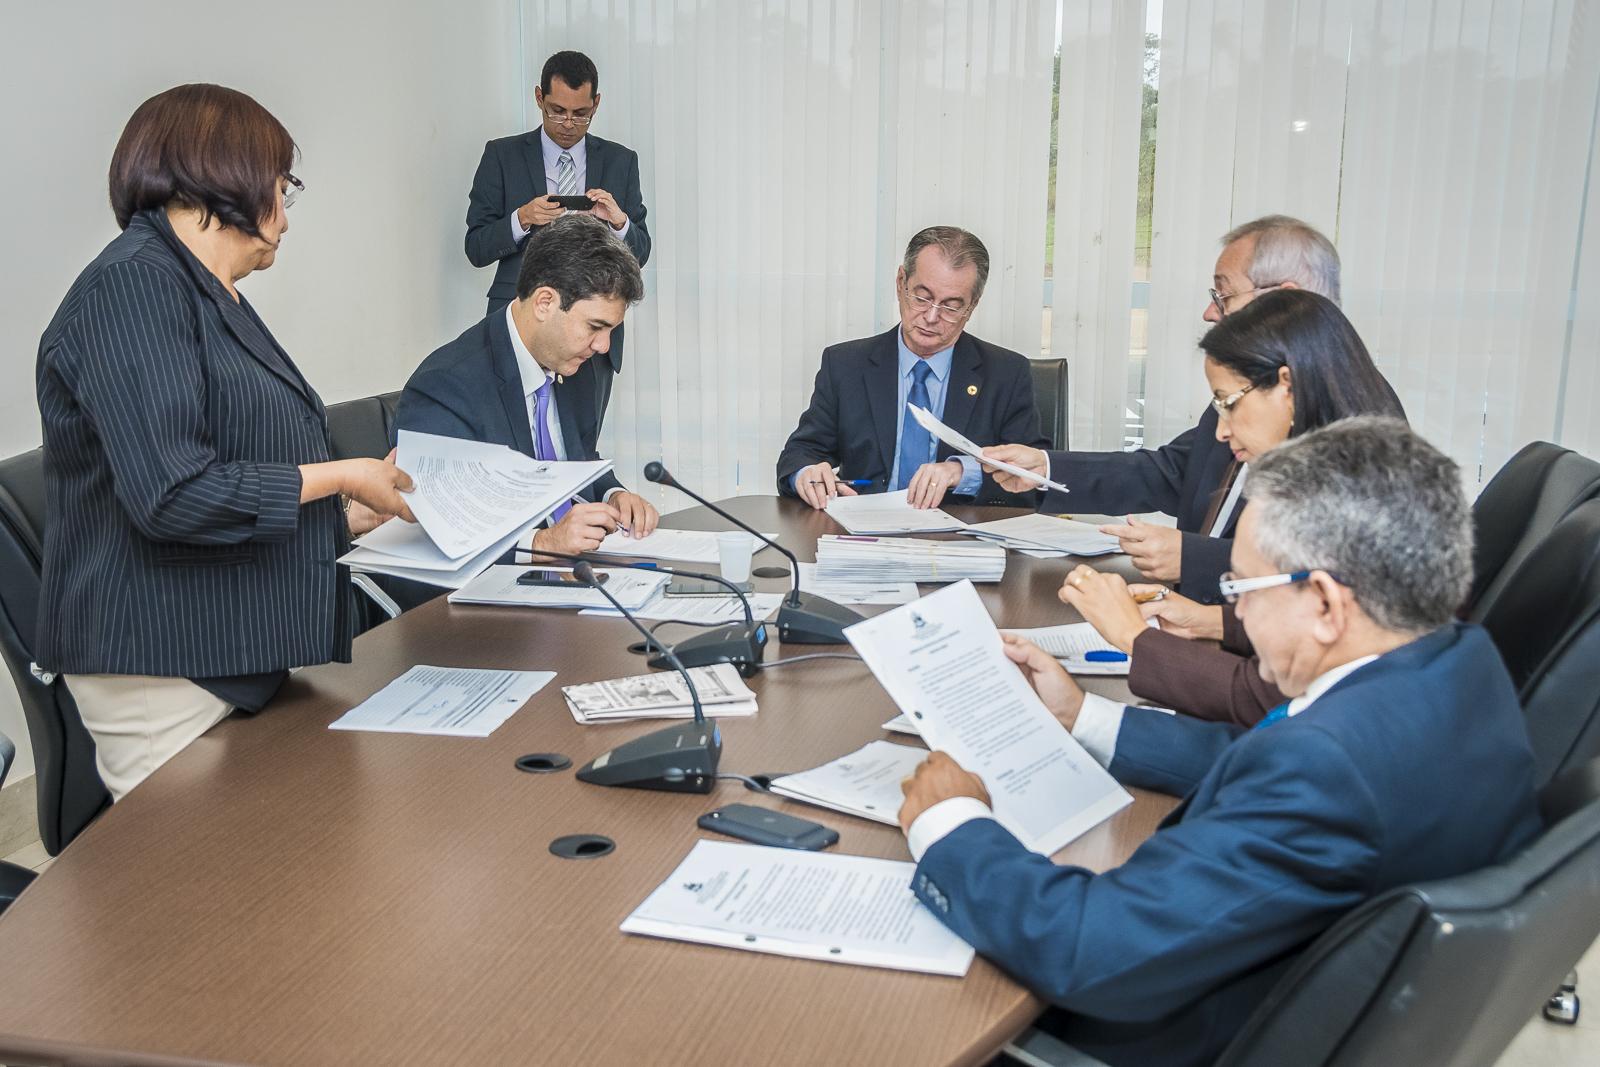 CCJ analisa vários projetos de parlamentares e debate medidas provisórias do Executivo